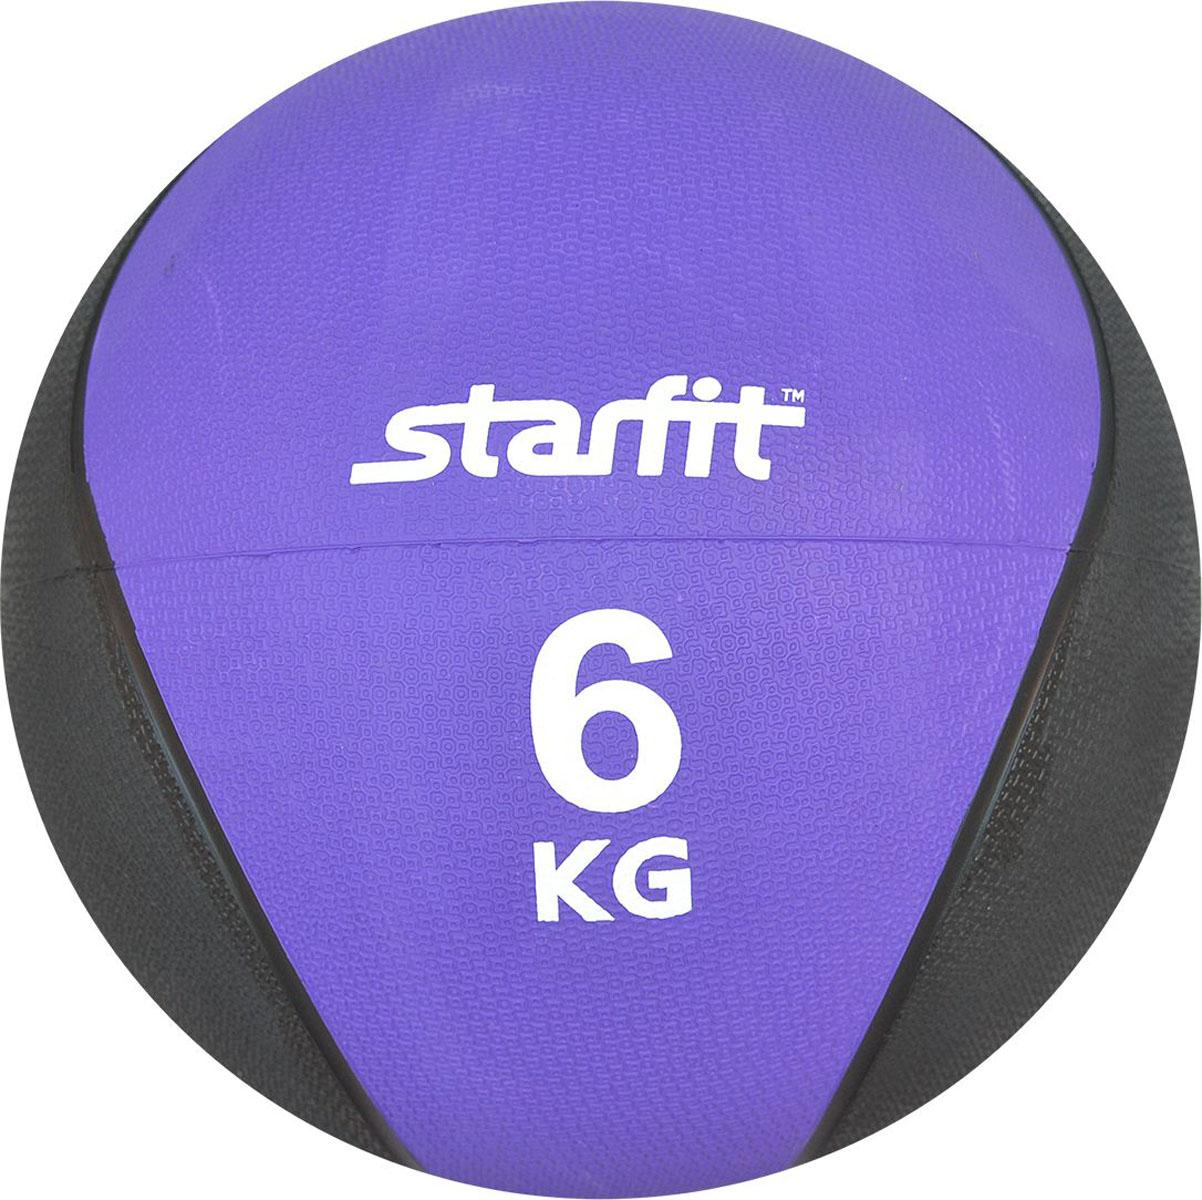 Медицинбол Starfit Pro GB-702, цвет: фиолетовый, 6 кг купить паяльную станцию lukey 702 в украине